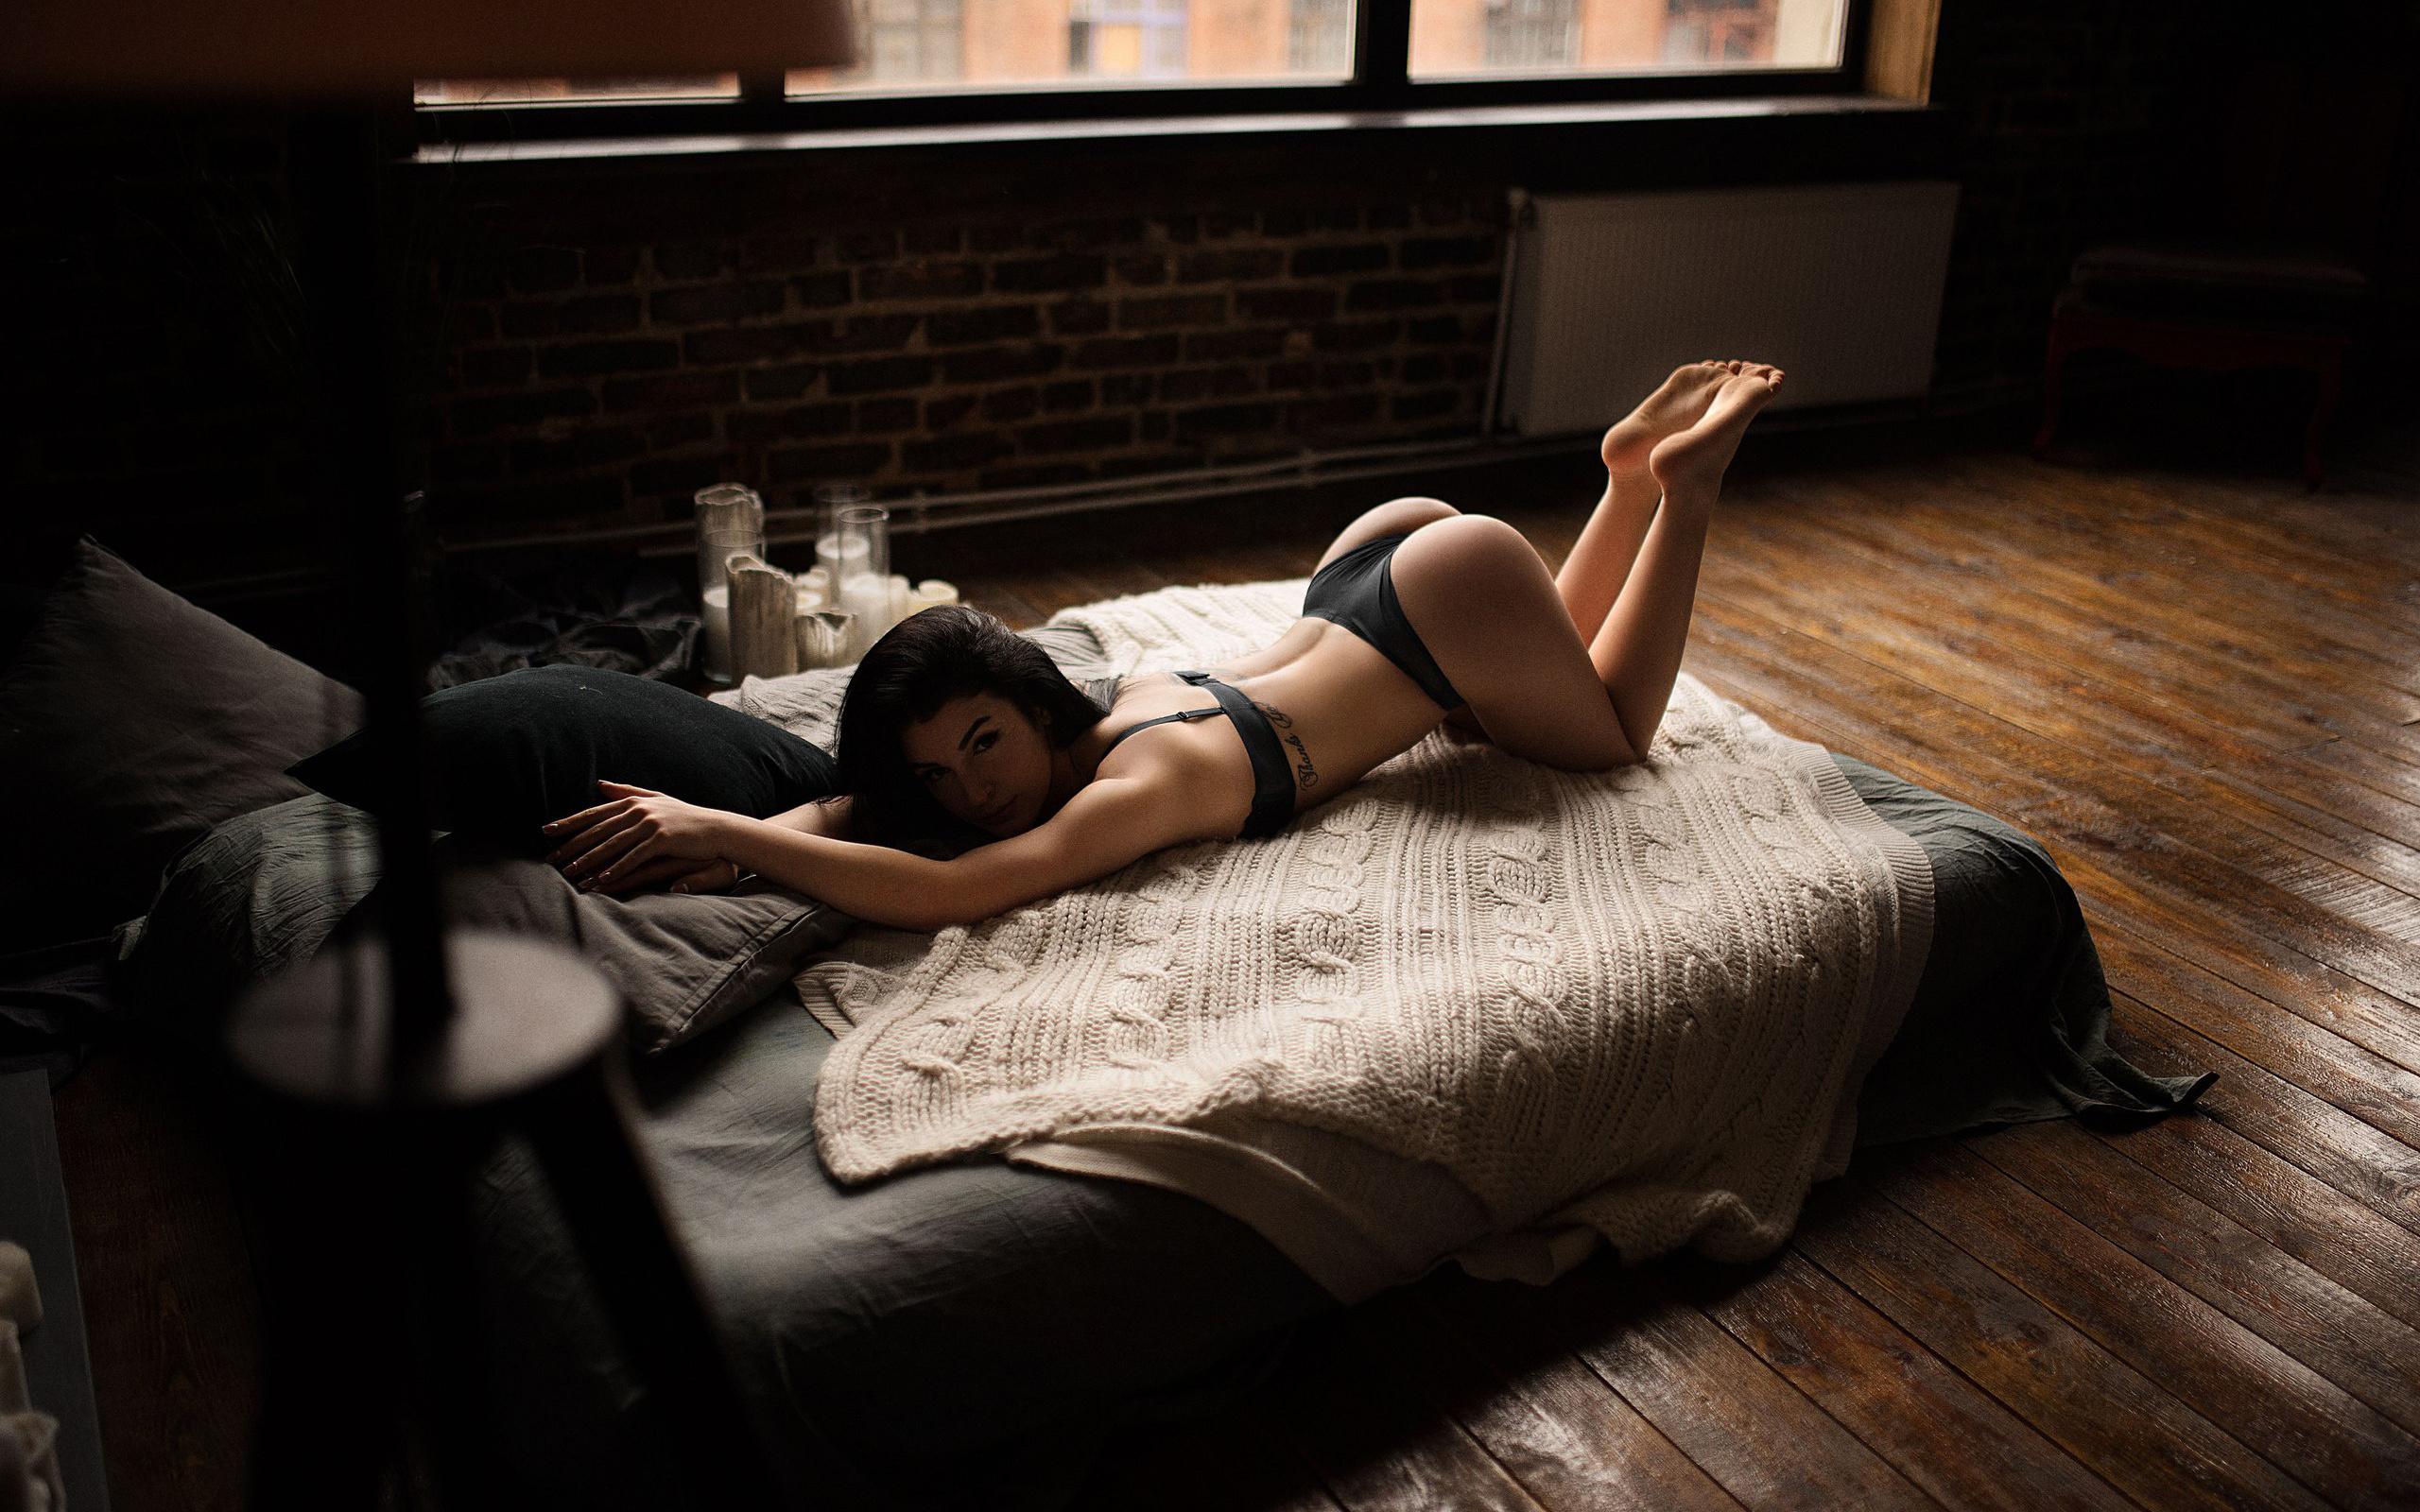 порывы привязал к кровати и имеет девушку речь данном случае